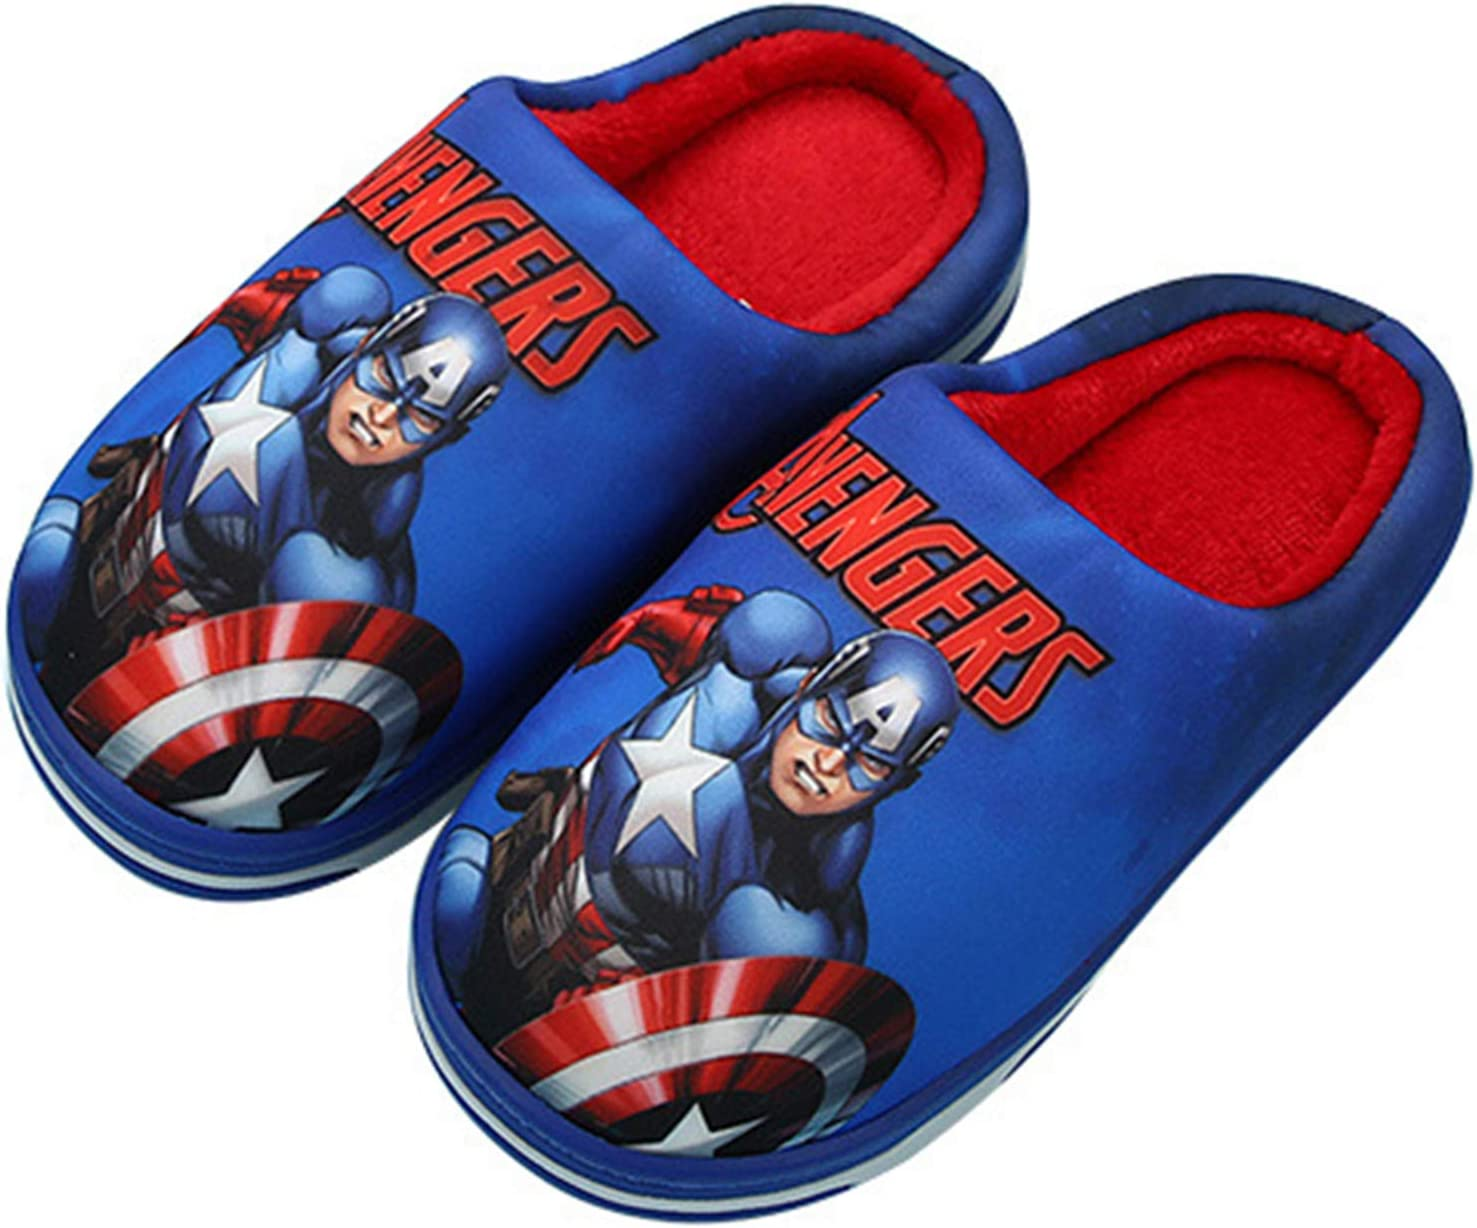 YEMAO Zapatillas de algod/ón para ni/ños Spiderman Capit/án Am/érica Zapatos Gruesos Antideslizantes c/álidos para Interiores Zapatos de casa de Dibujos Animados,A-32EU